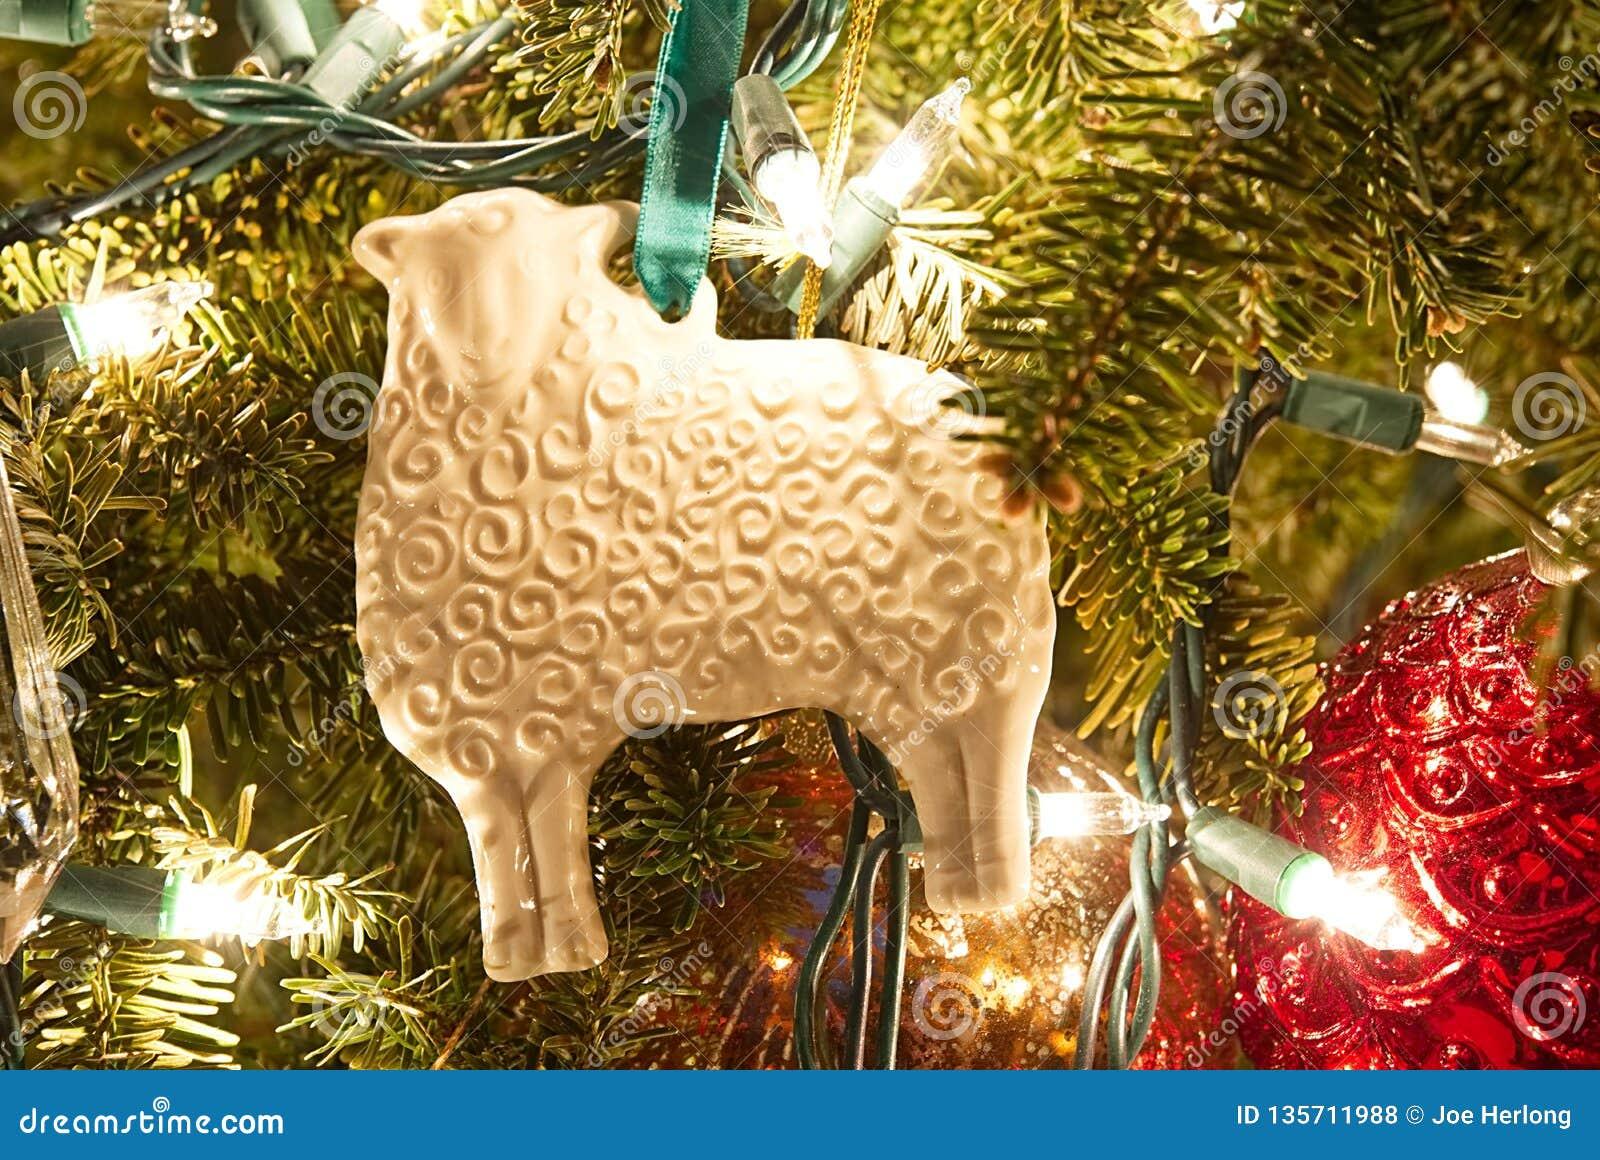 A white porcelain sheep folk art ornament on a Christmas tree.